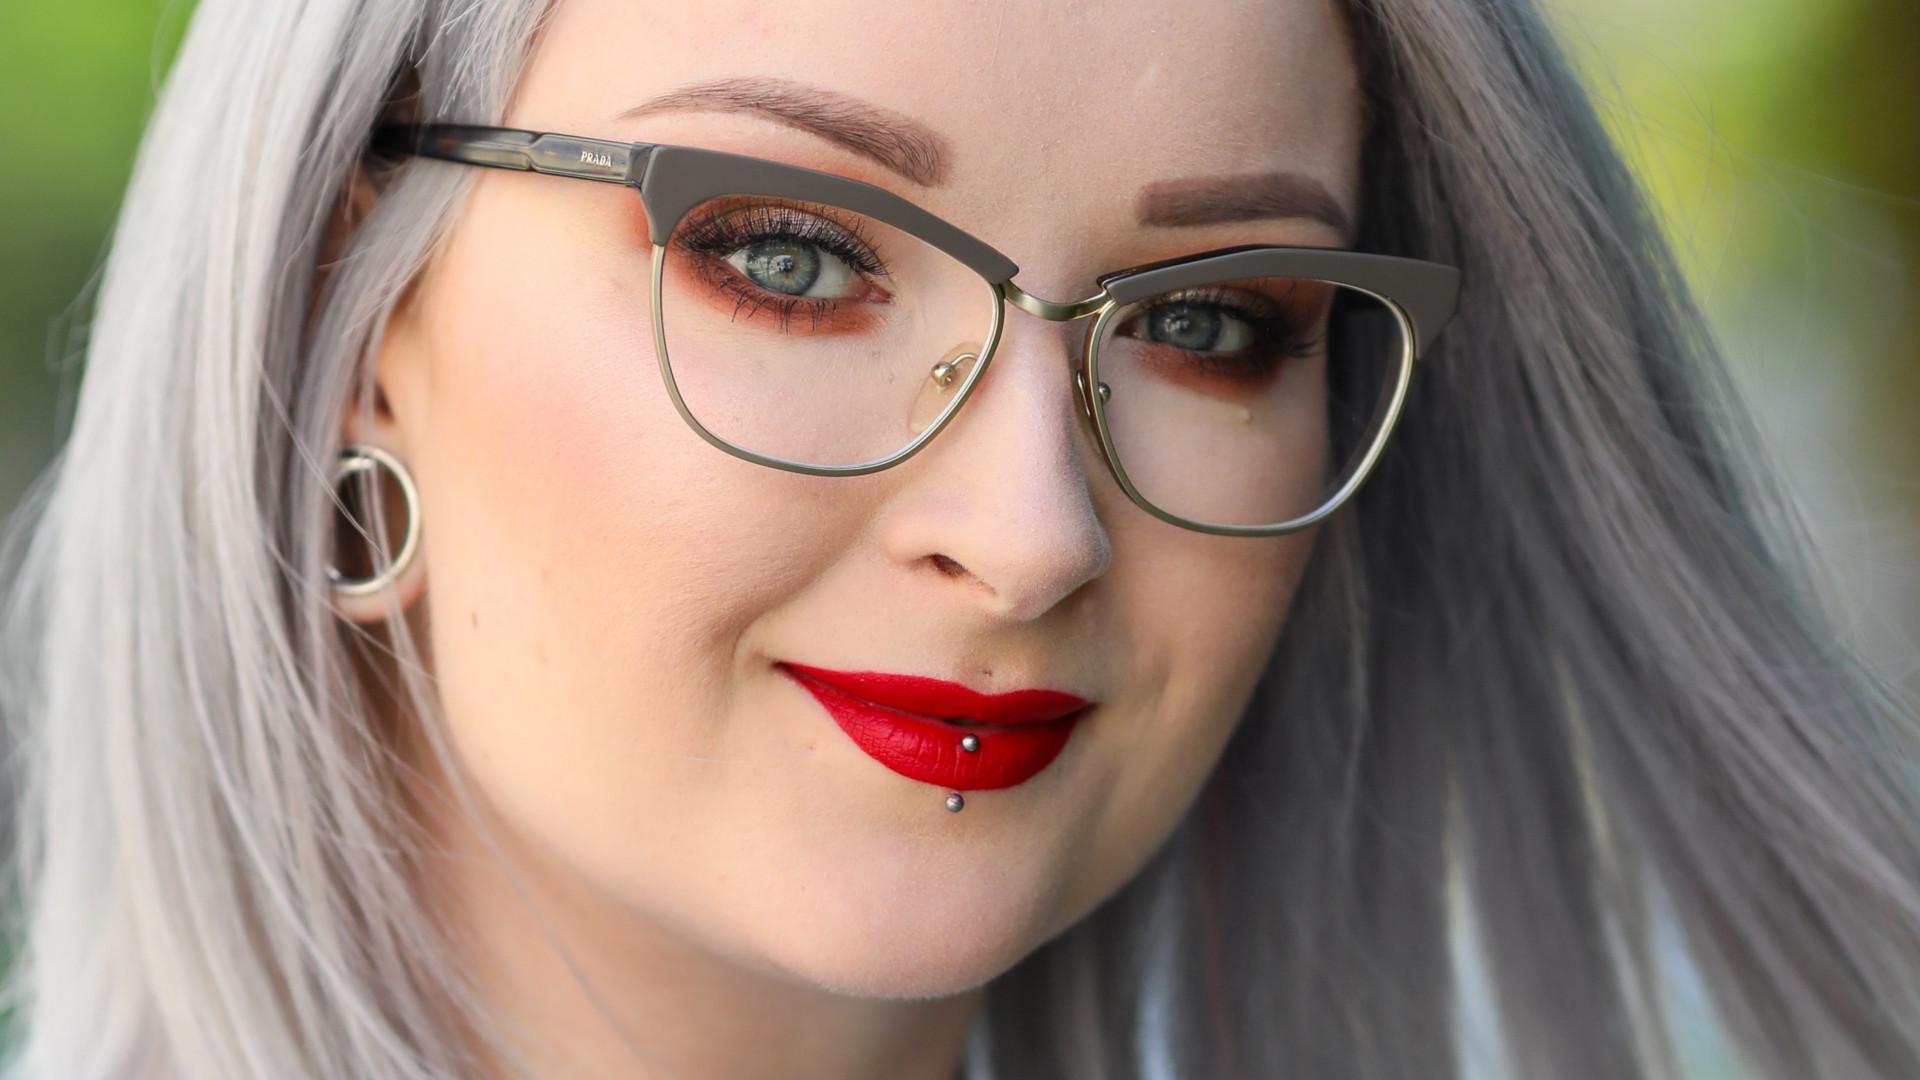 Red Lipstick Monster przyznała, że cierpi na zaburzenia odżywiania